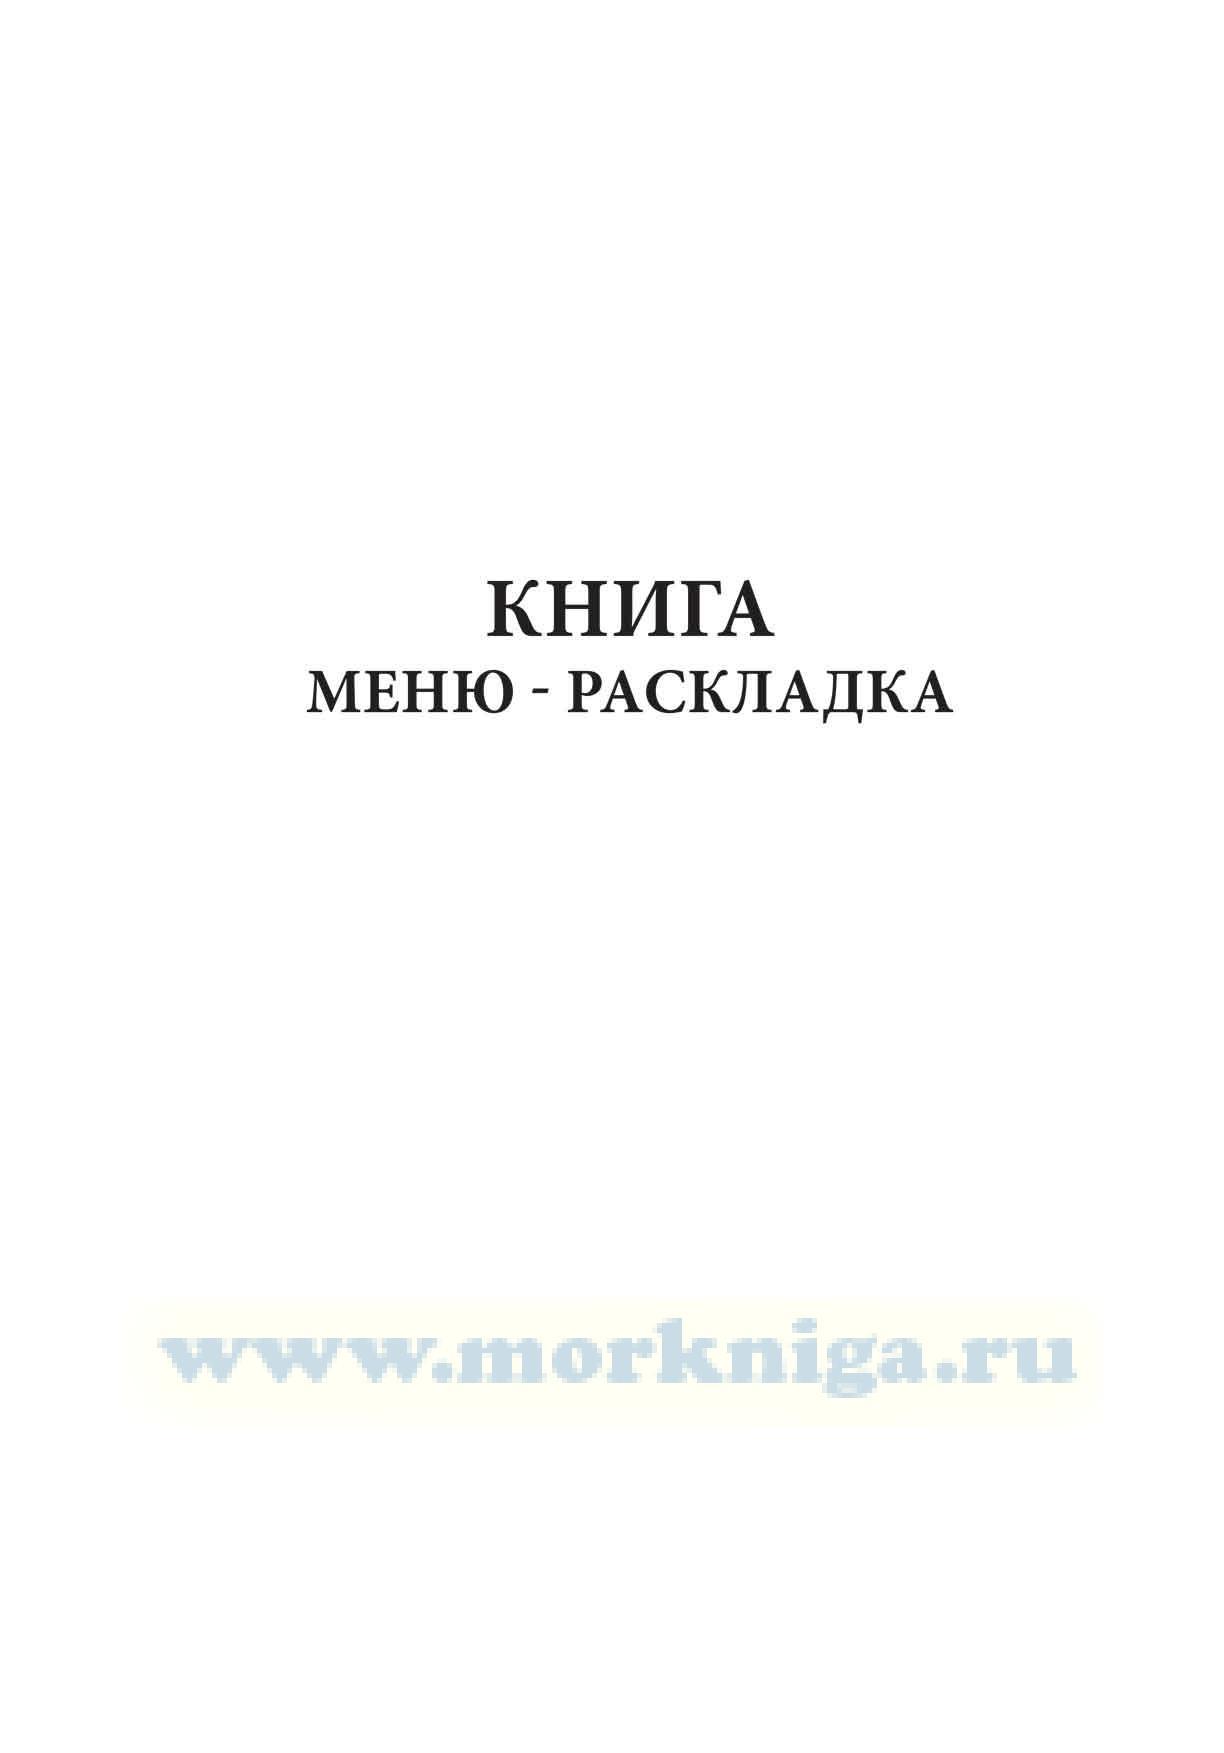 Книга меню - раскладка судовая